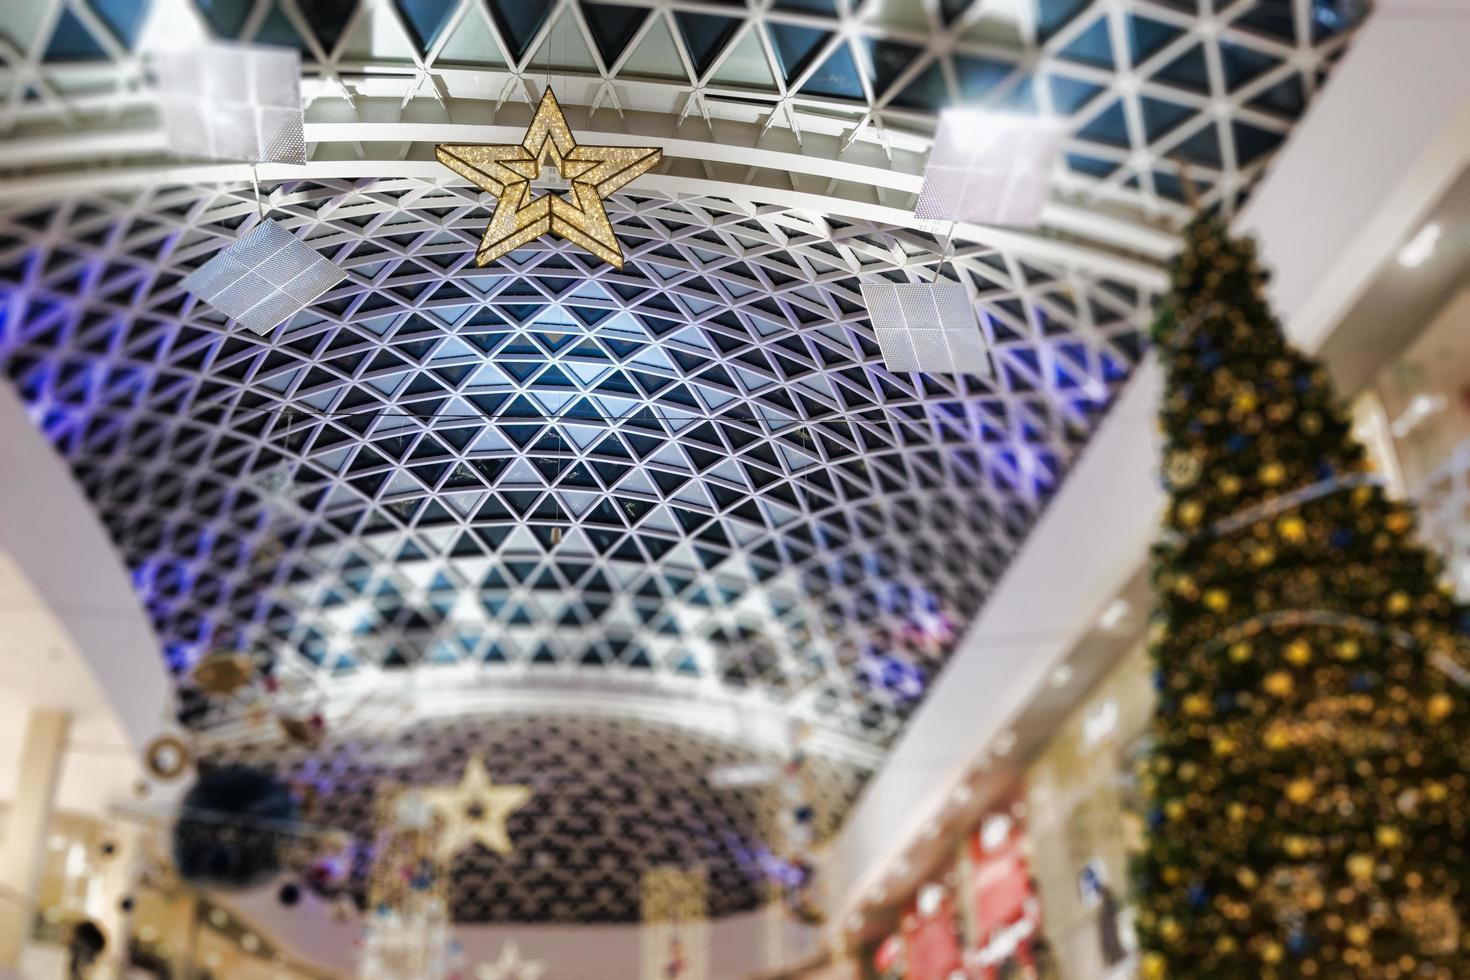 centro commerciale decorato per le vacanze di capodanno e natale. foto